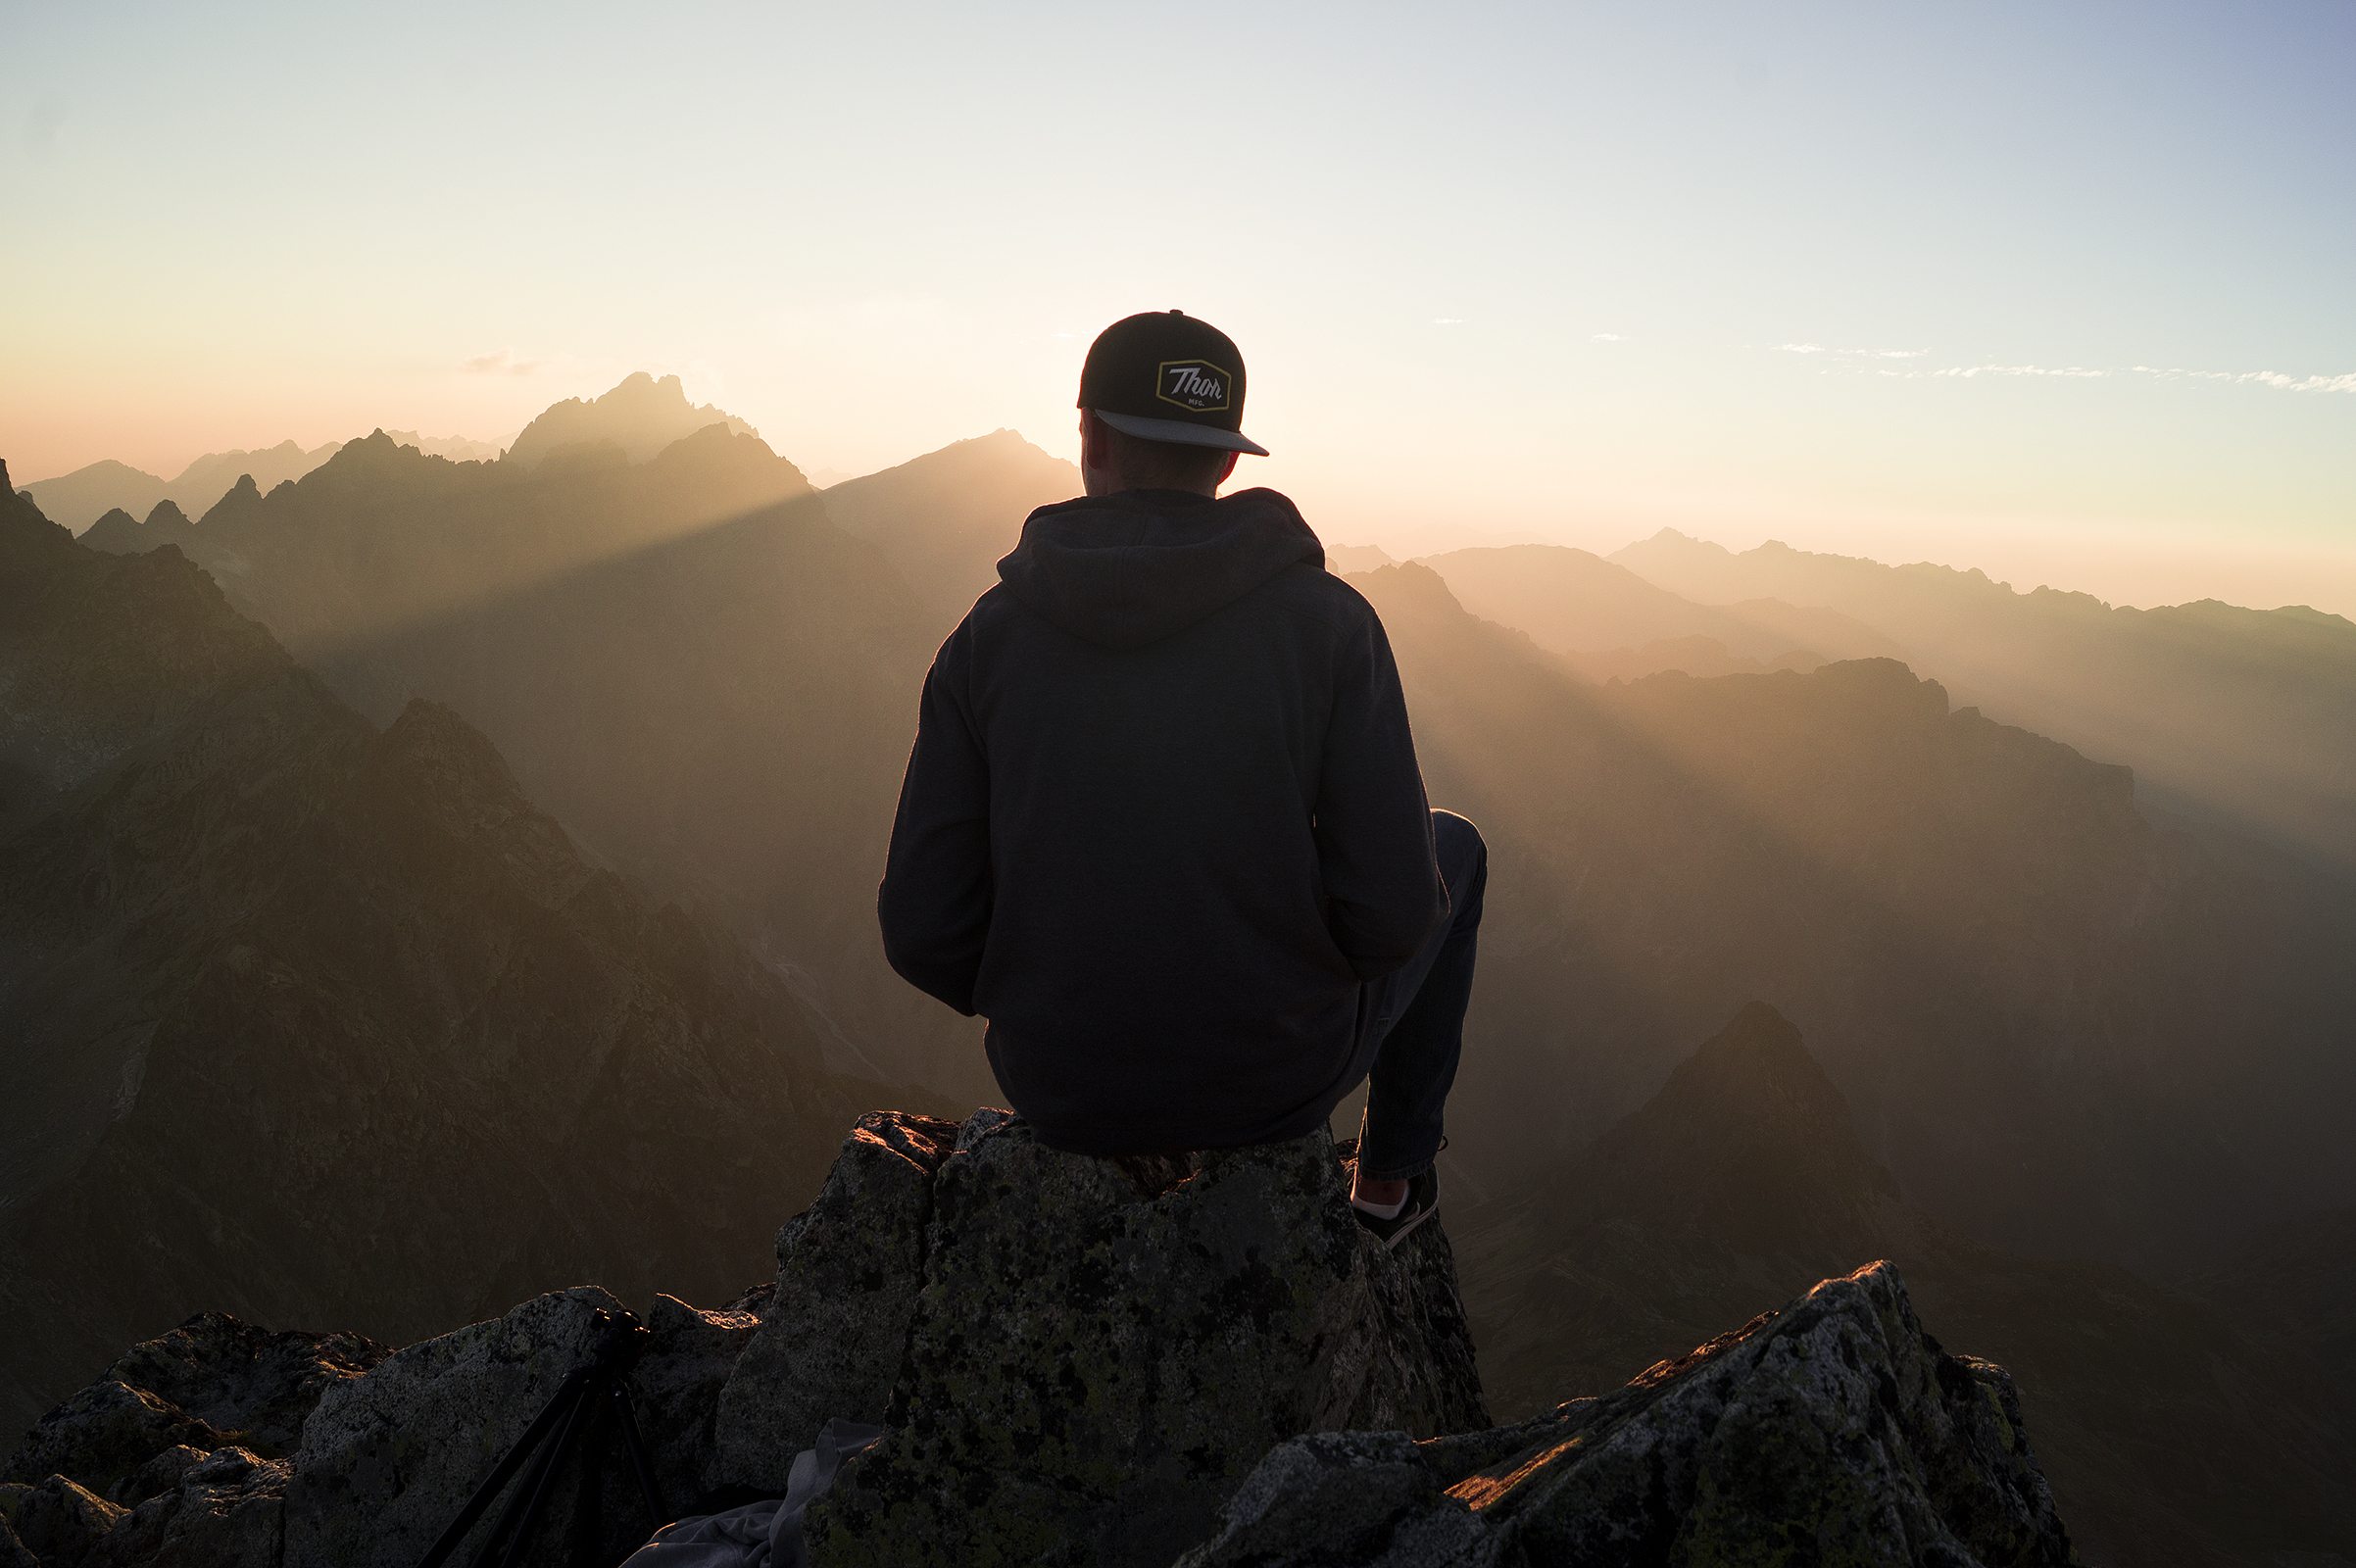 mountain pictures · pexels · free stock photos